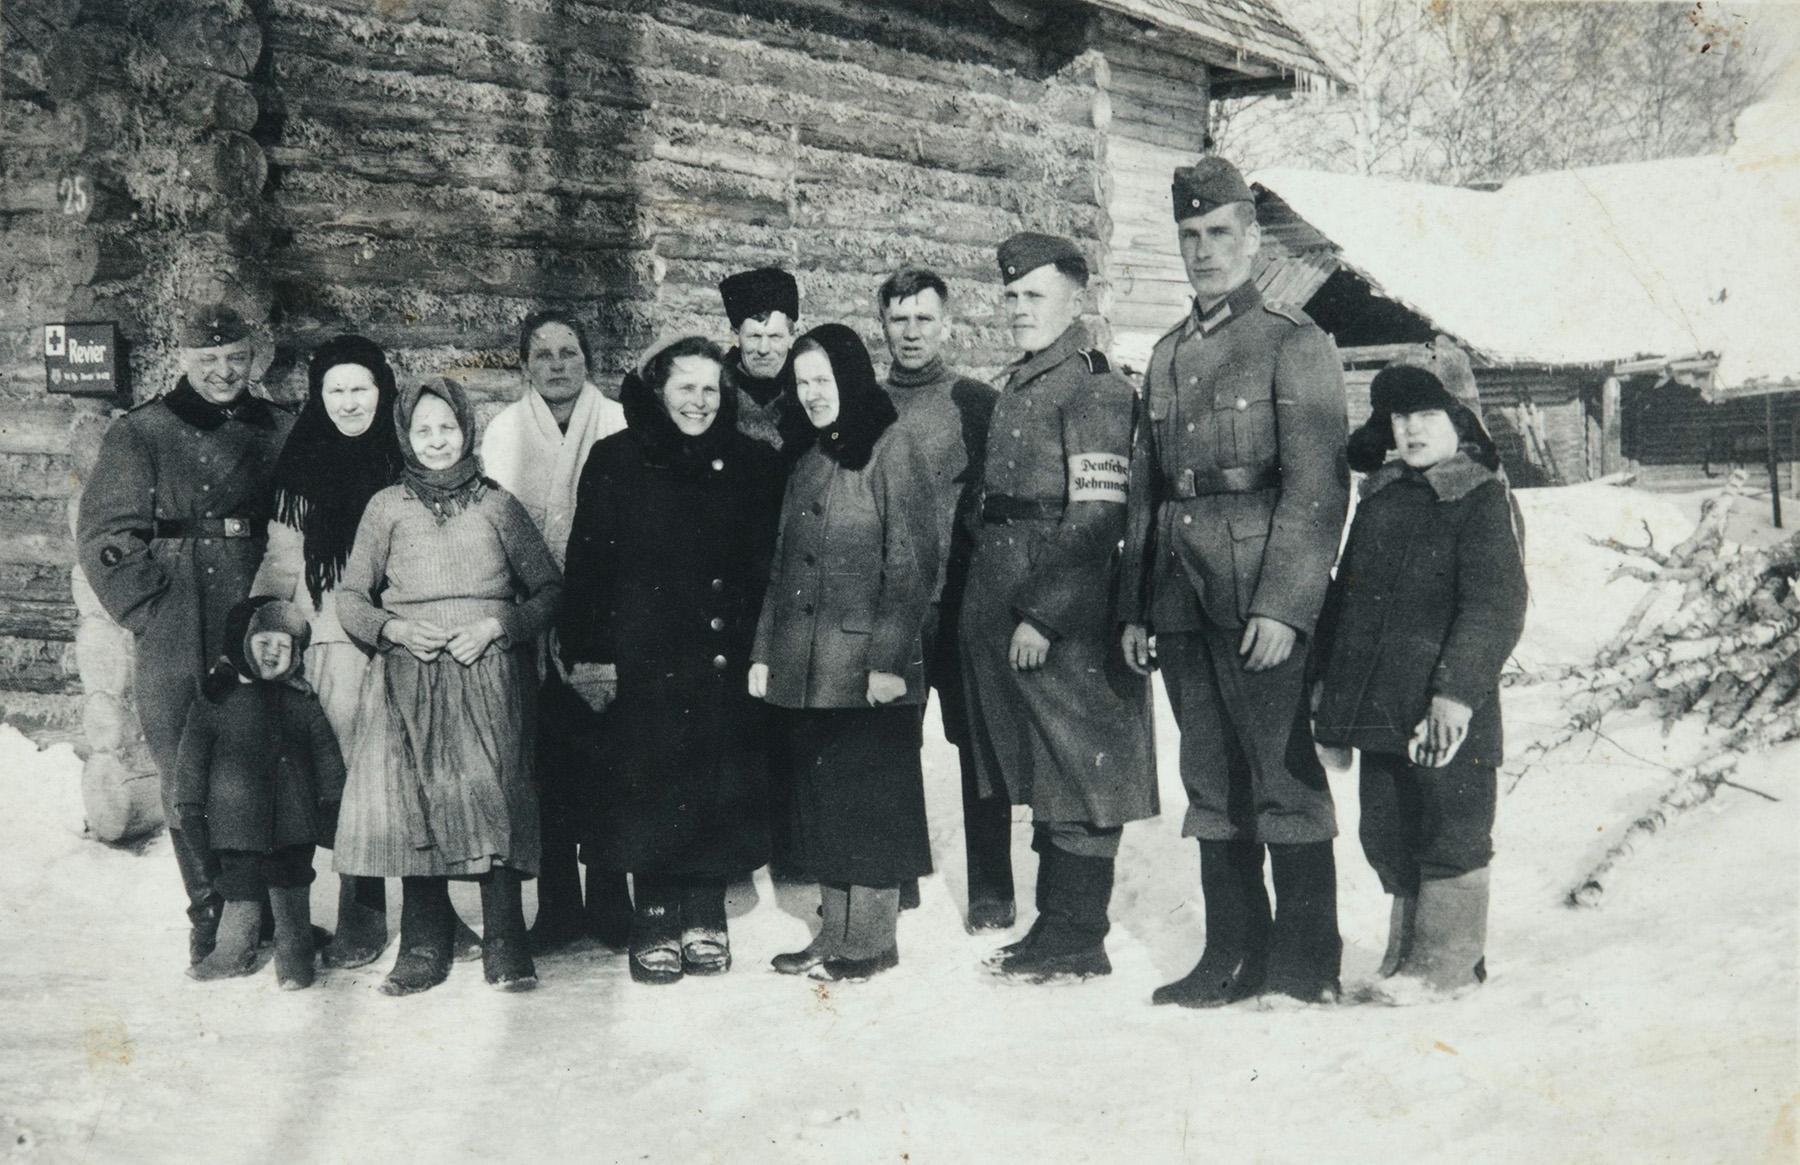 Saksalaiset ottivat Peuhkurin perheen kotitalon käyttöönsä miehityksen. Kuvassa saksalaisia sotilaita ja Peuhkurin perhettä ja naapuri. Kuva on saksalaisen sotilaan ottama, 1940-luku. SKS:n arkisto, Peuhkuri-perheen arkisto. CC BY 4.0